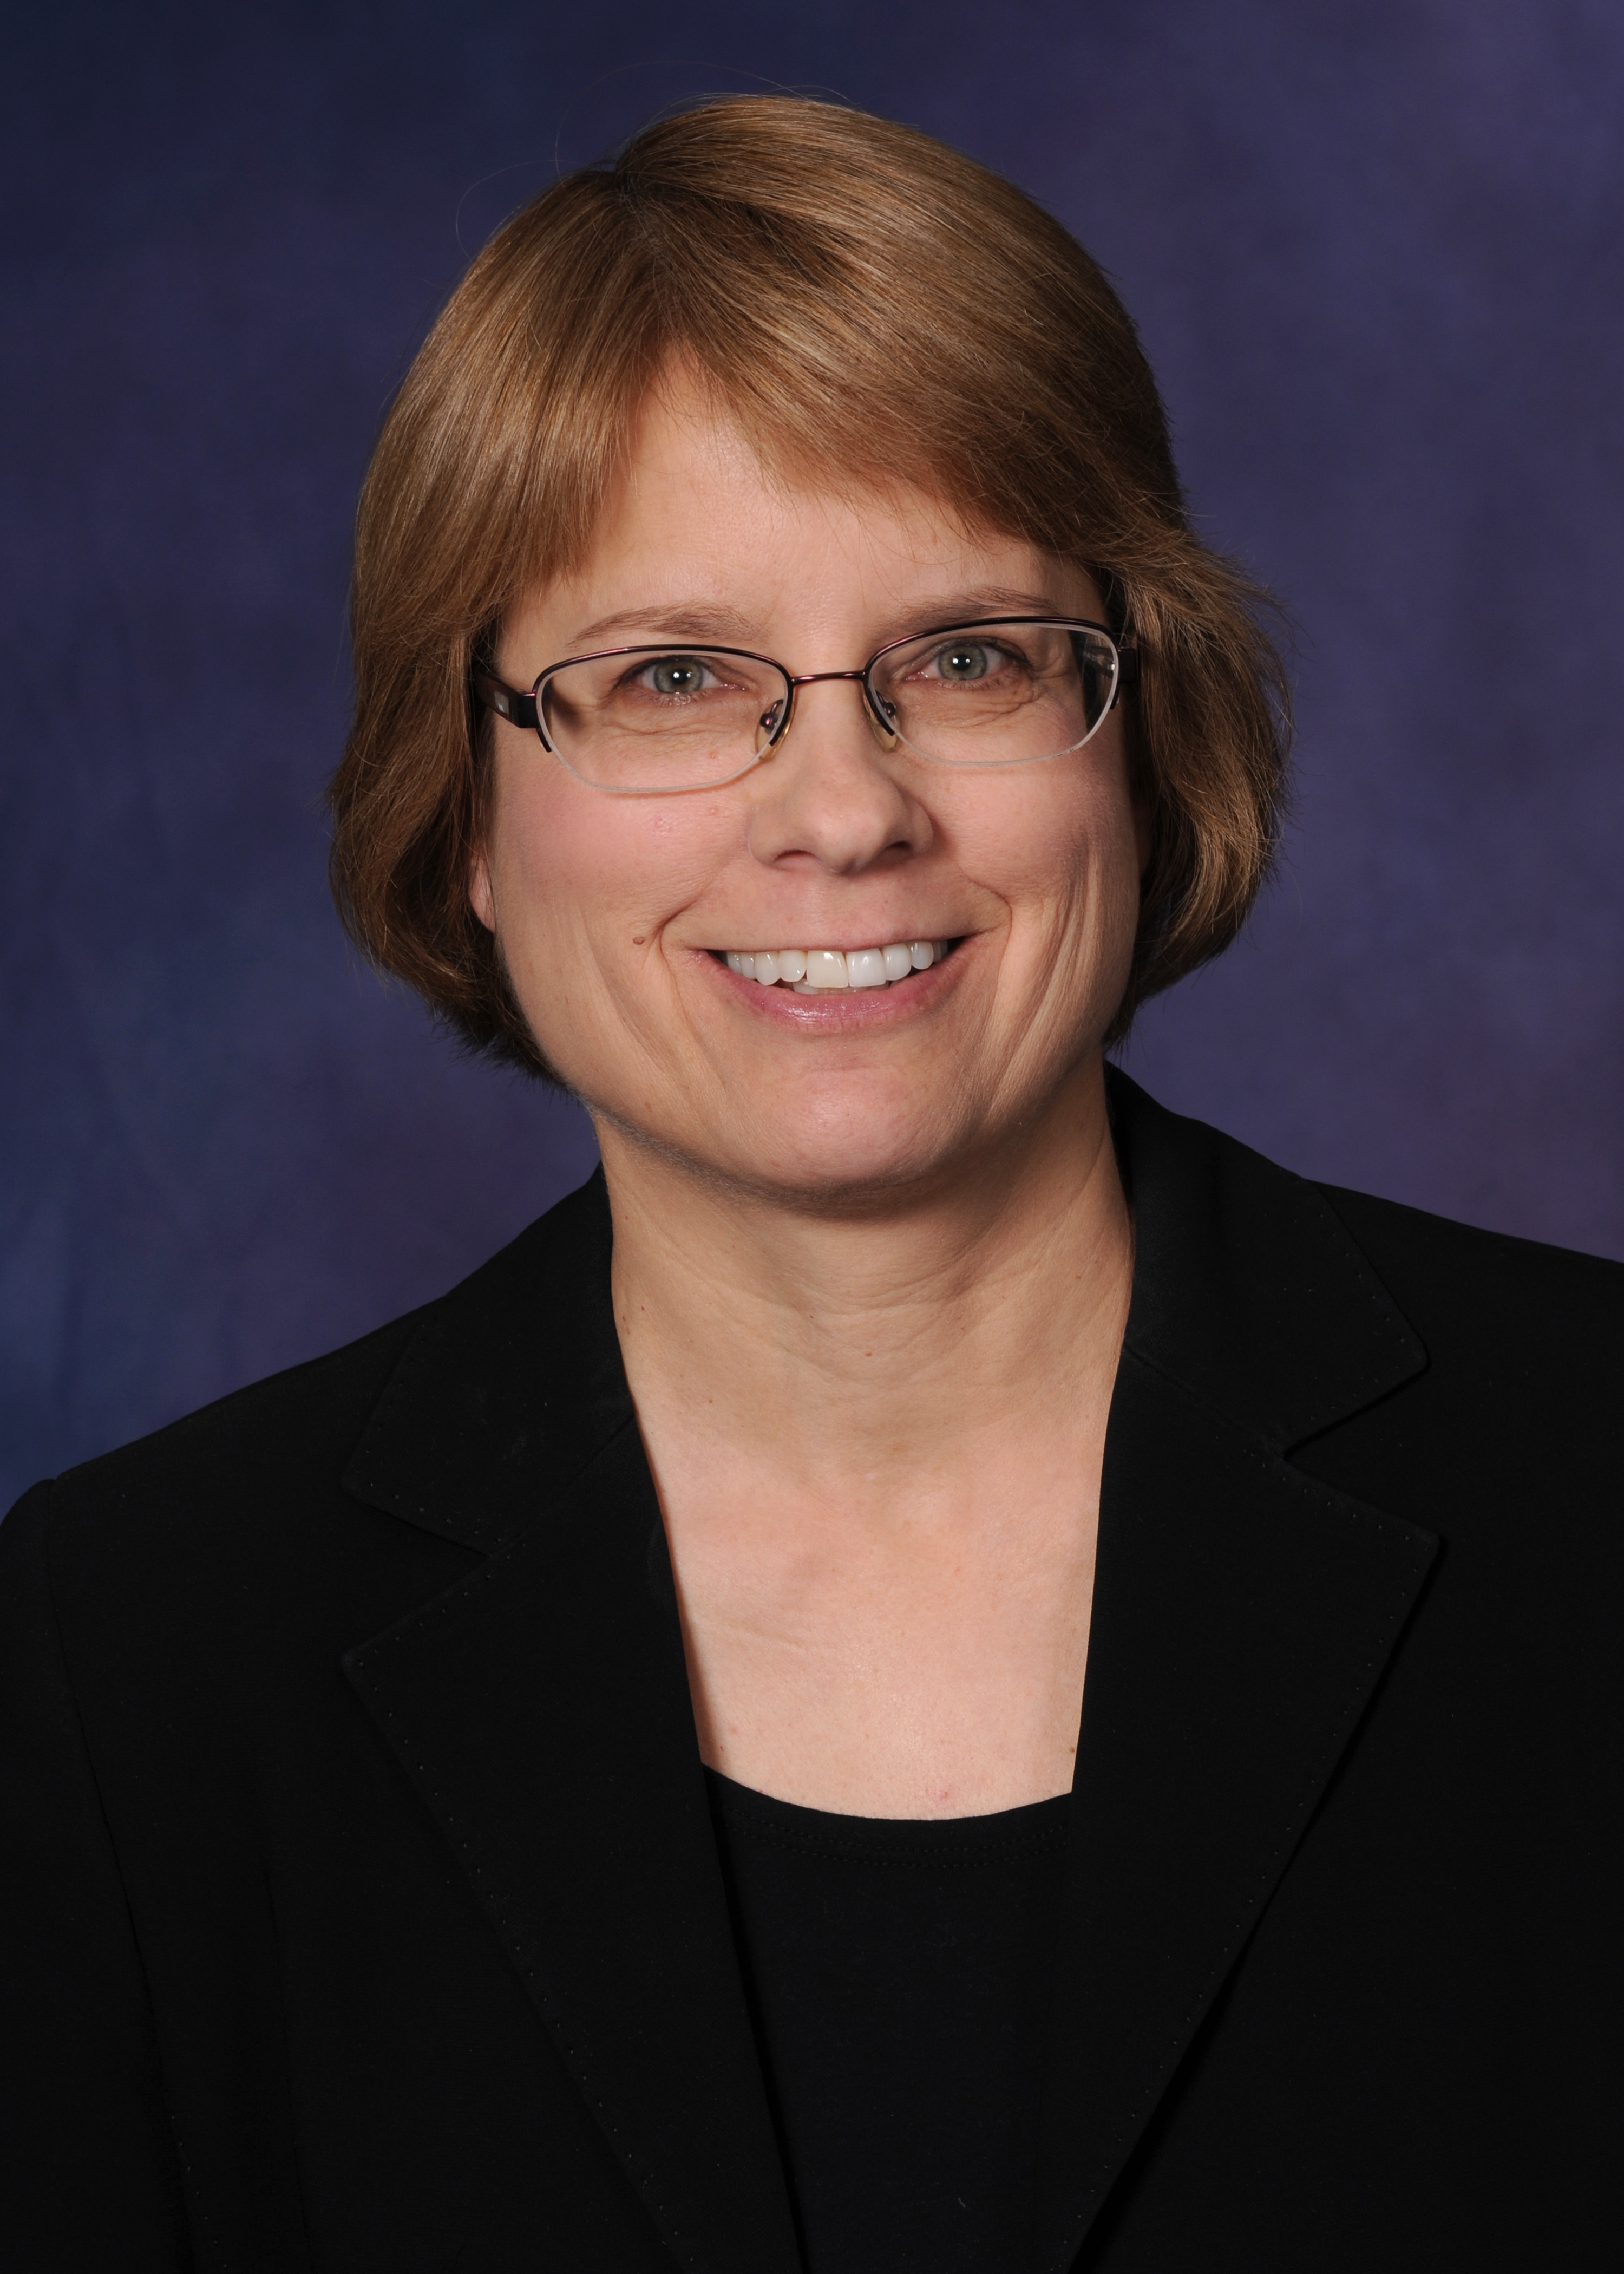 Dr. Carol Miller